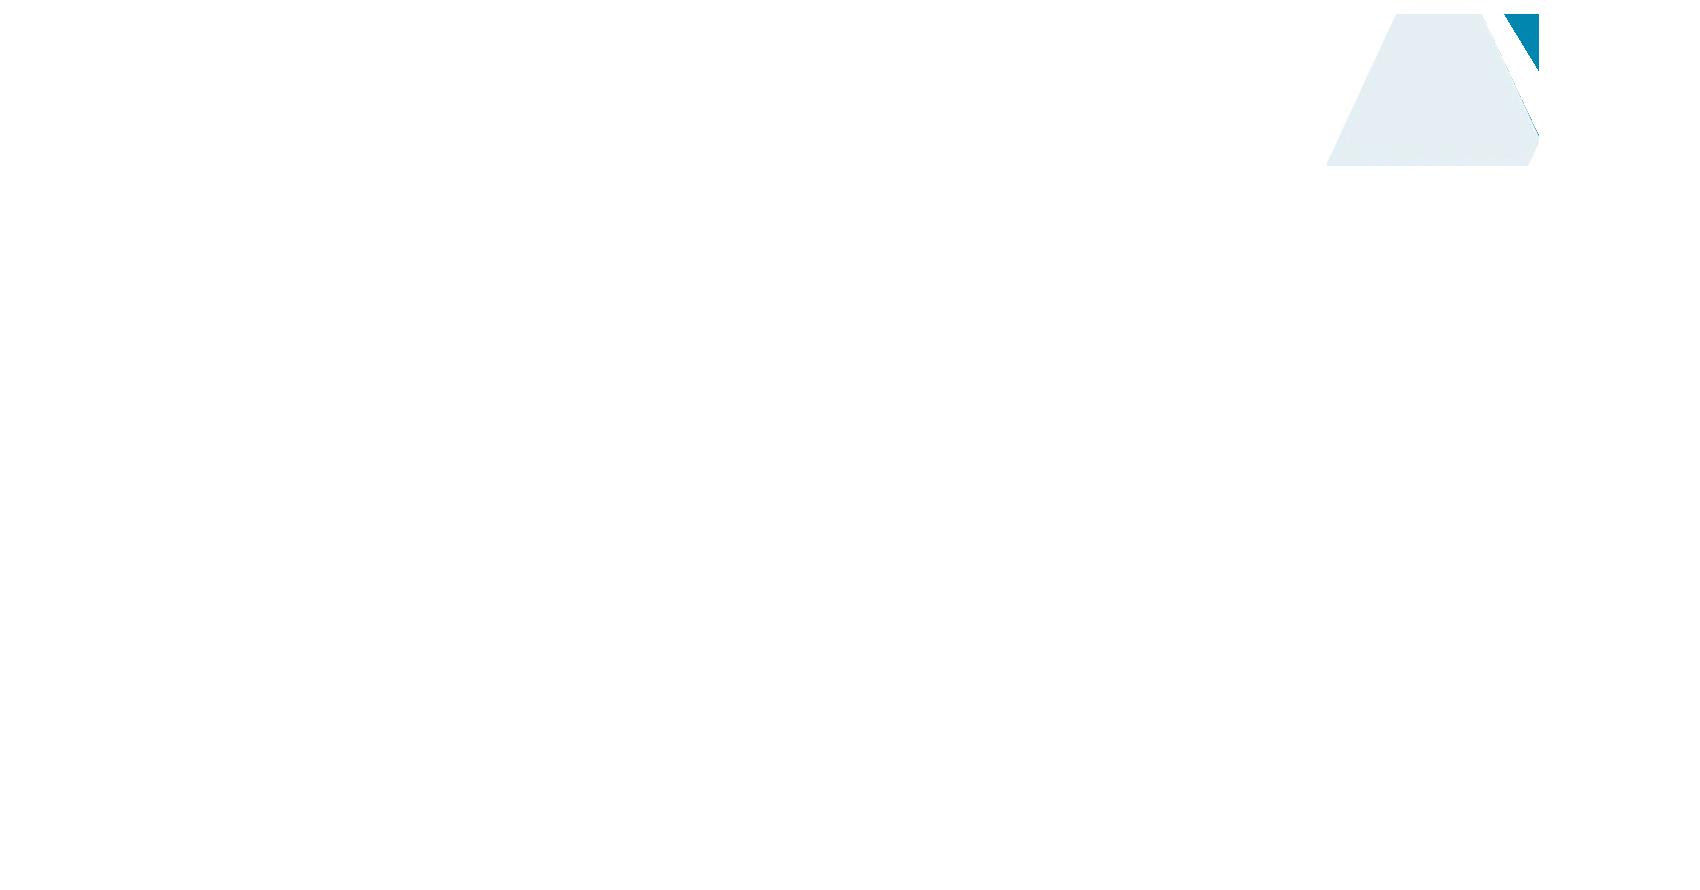 verevigic-shvaq-1.png